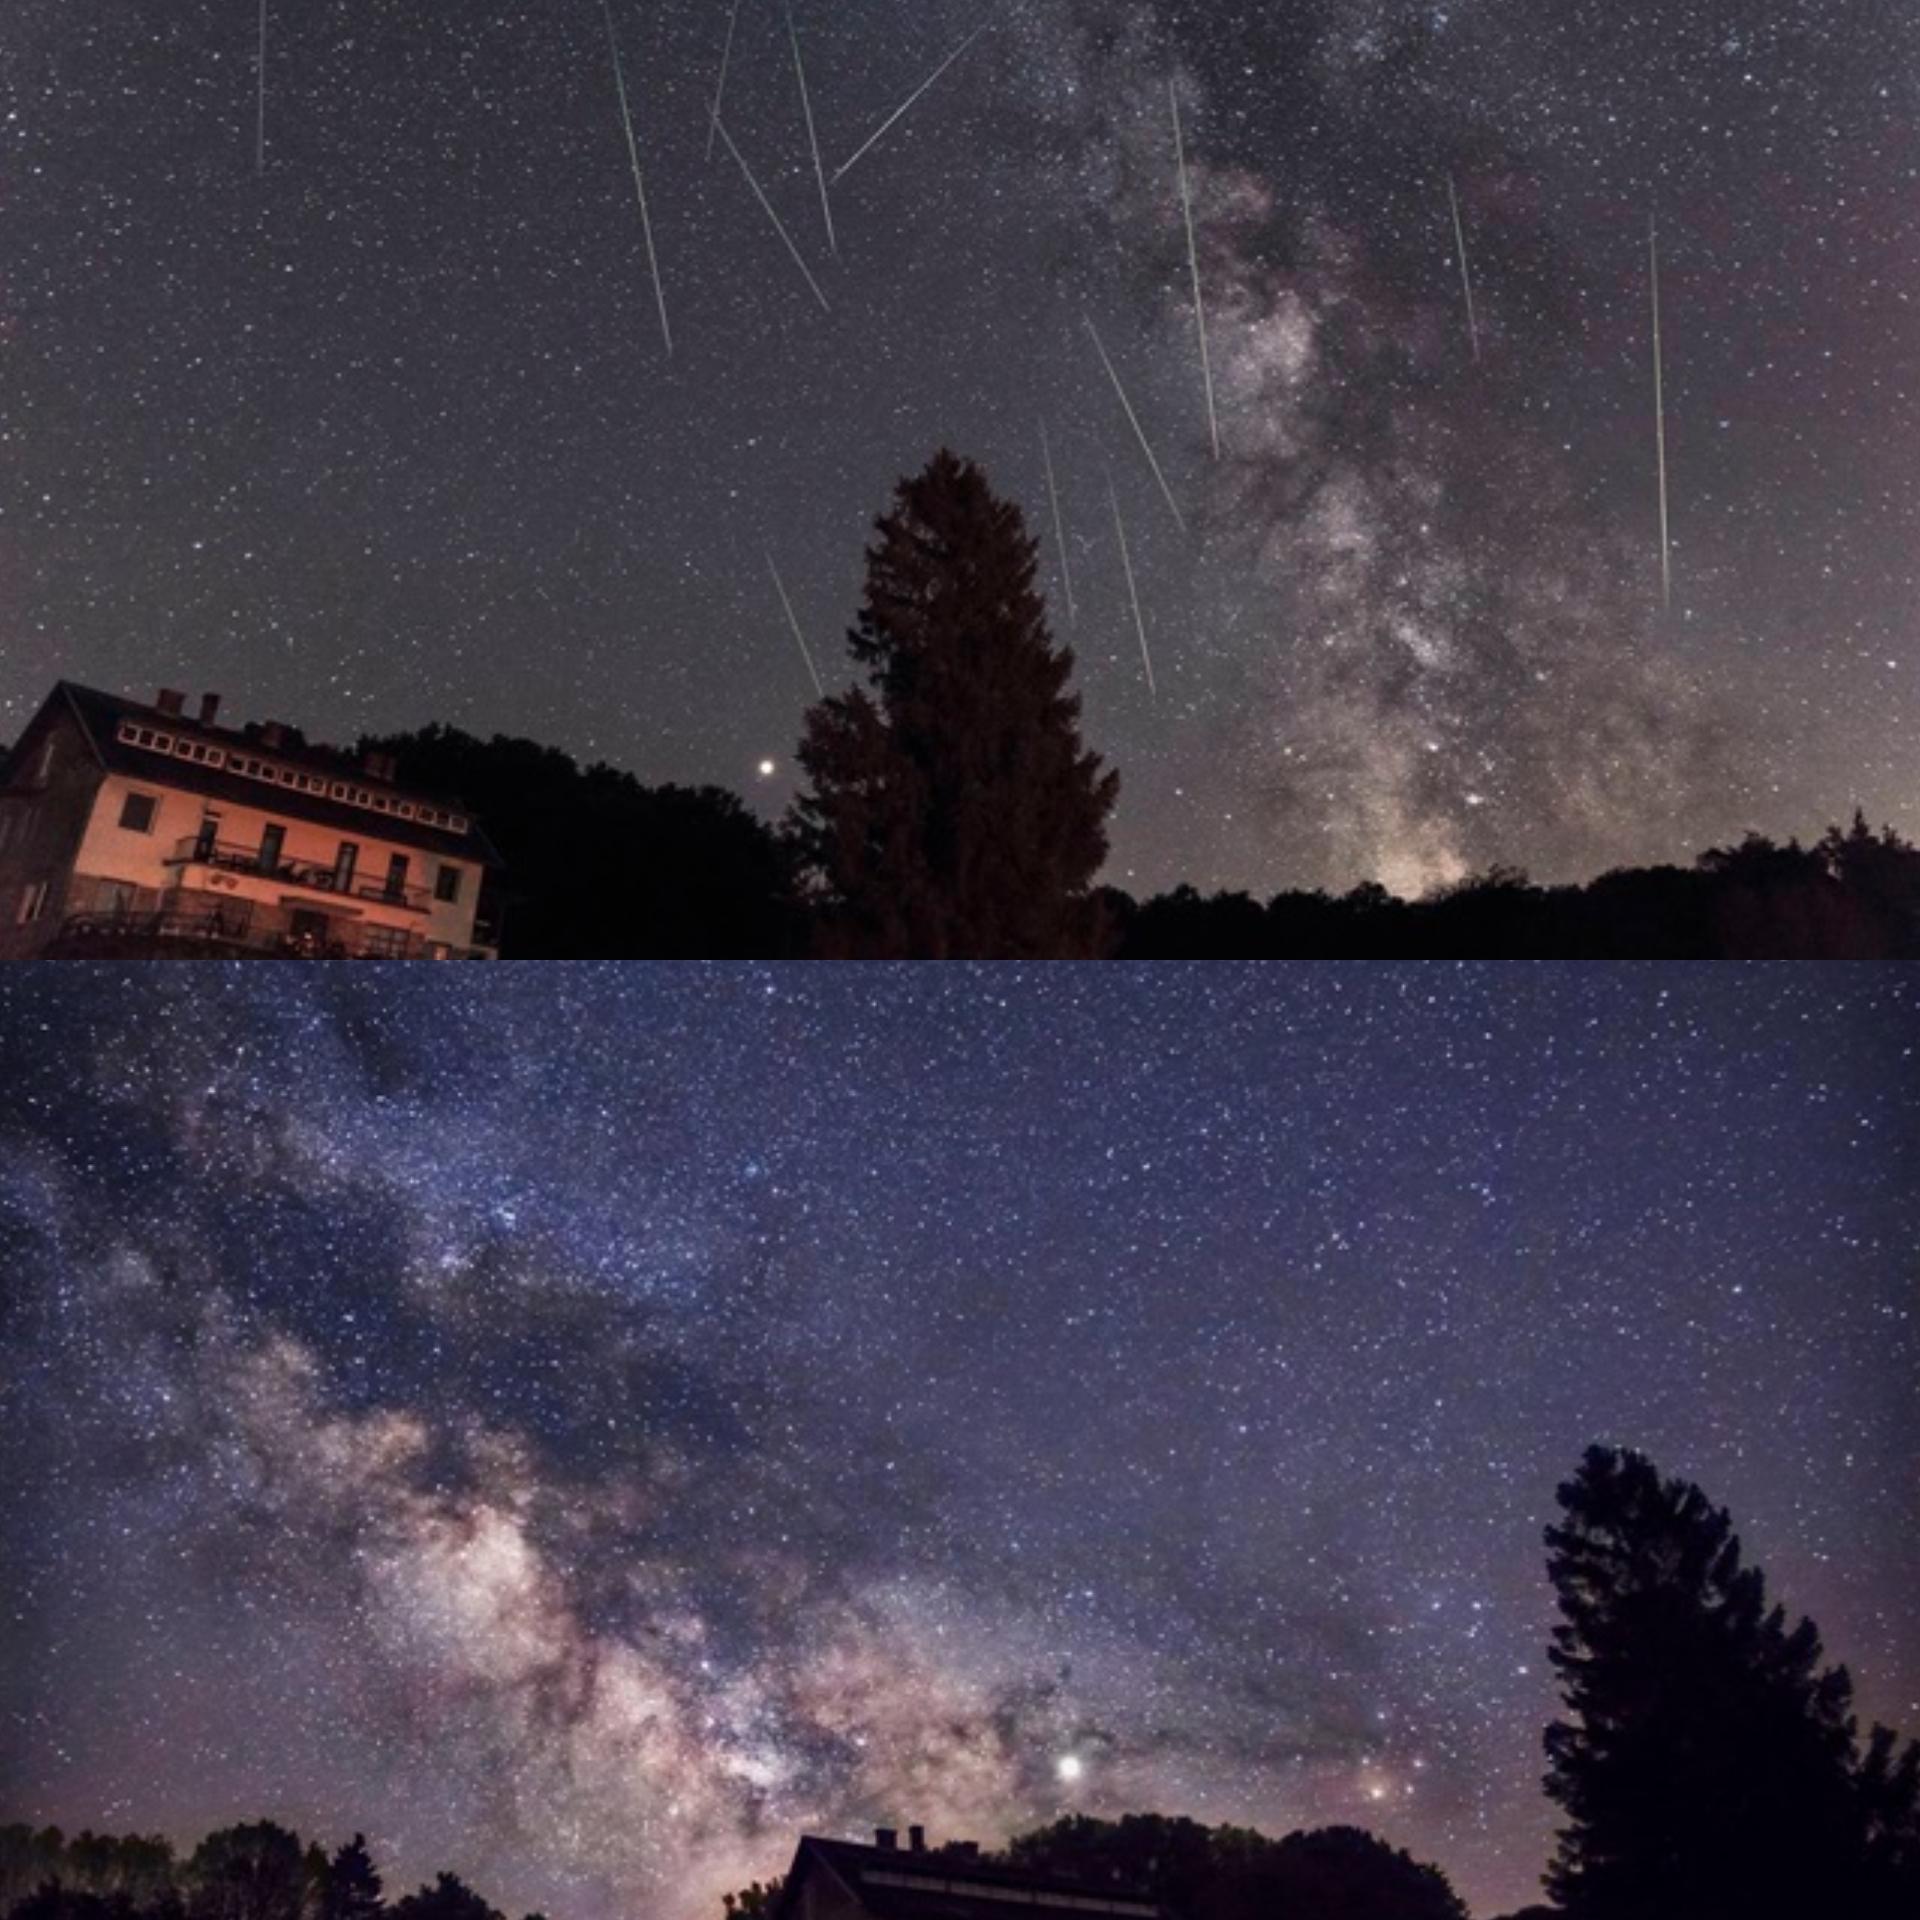 Zvjezdano nebo bez svjetlosnog onečišćenja u blizini Daruvara